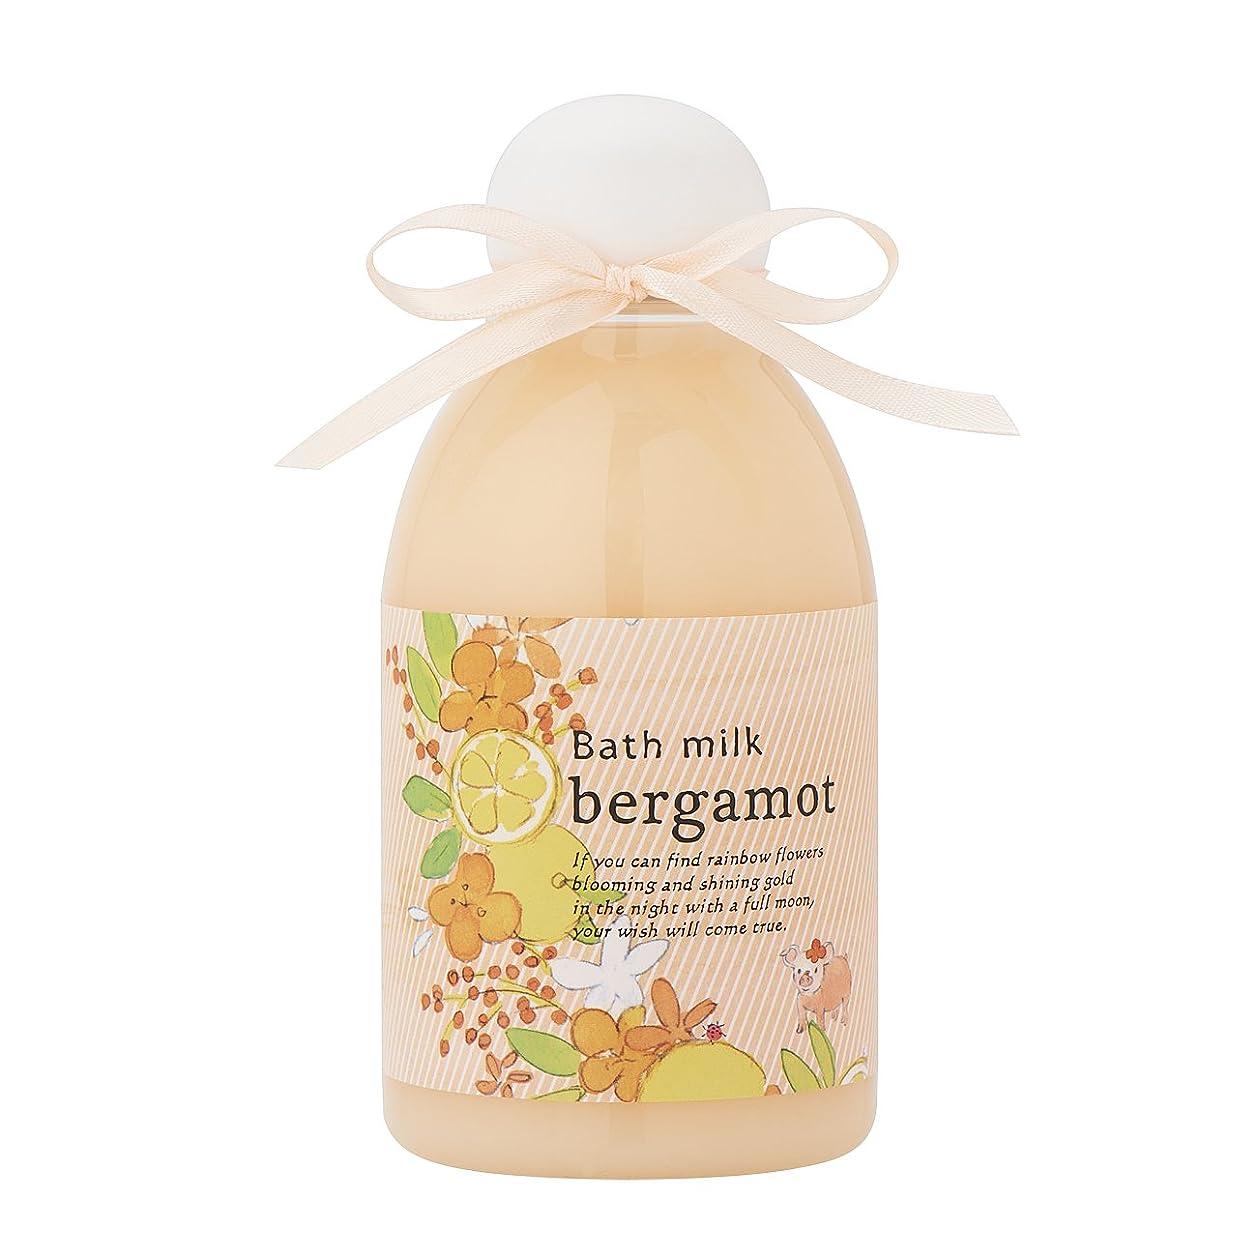 コーラス究極のセグメントサンハーブ バスミルク ベルガモット 200ml(バブルバスタイプ入浴料 泡風呂 懐かしい甘酸っぱい香り)